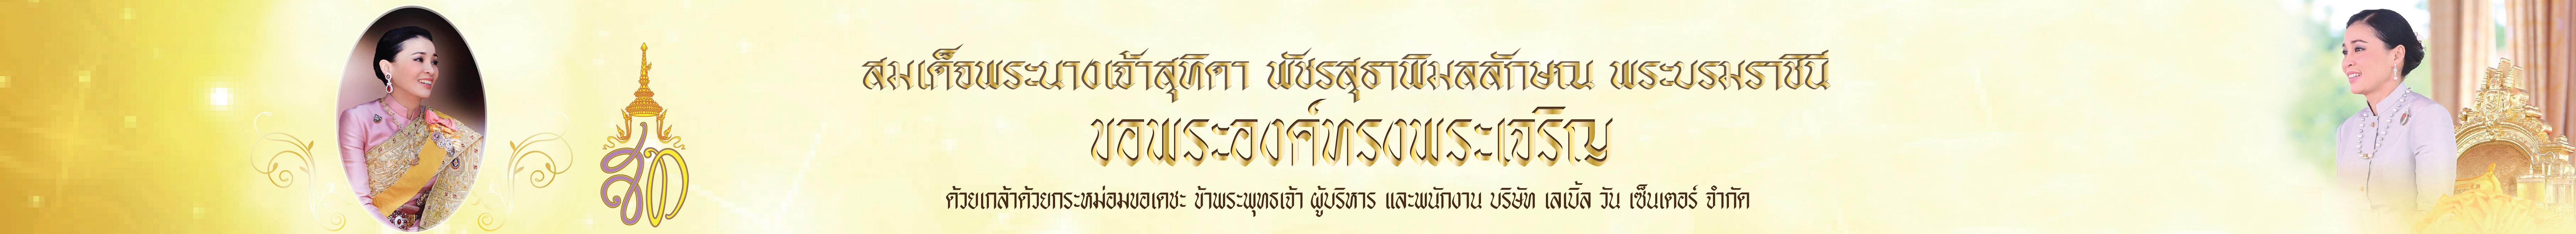 สมเด็จพระนางเจ้าสุทิดา พัชรสุธาพิมลลักษณ พระบรมราชินี